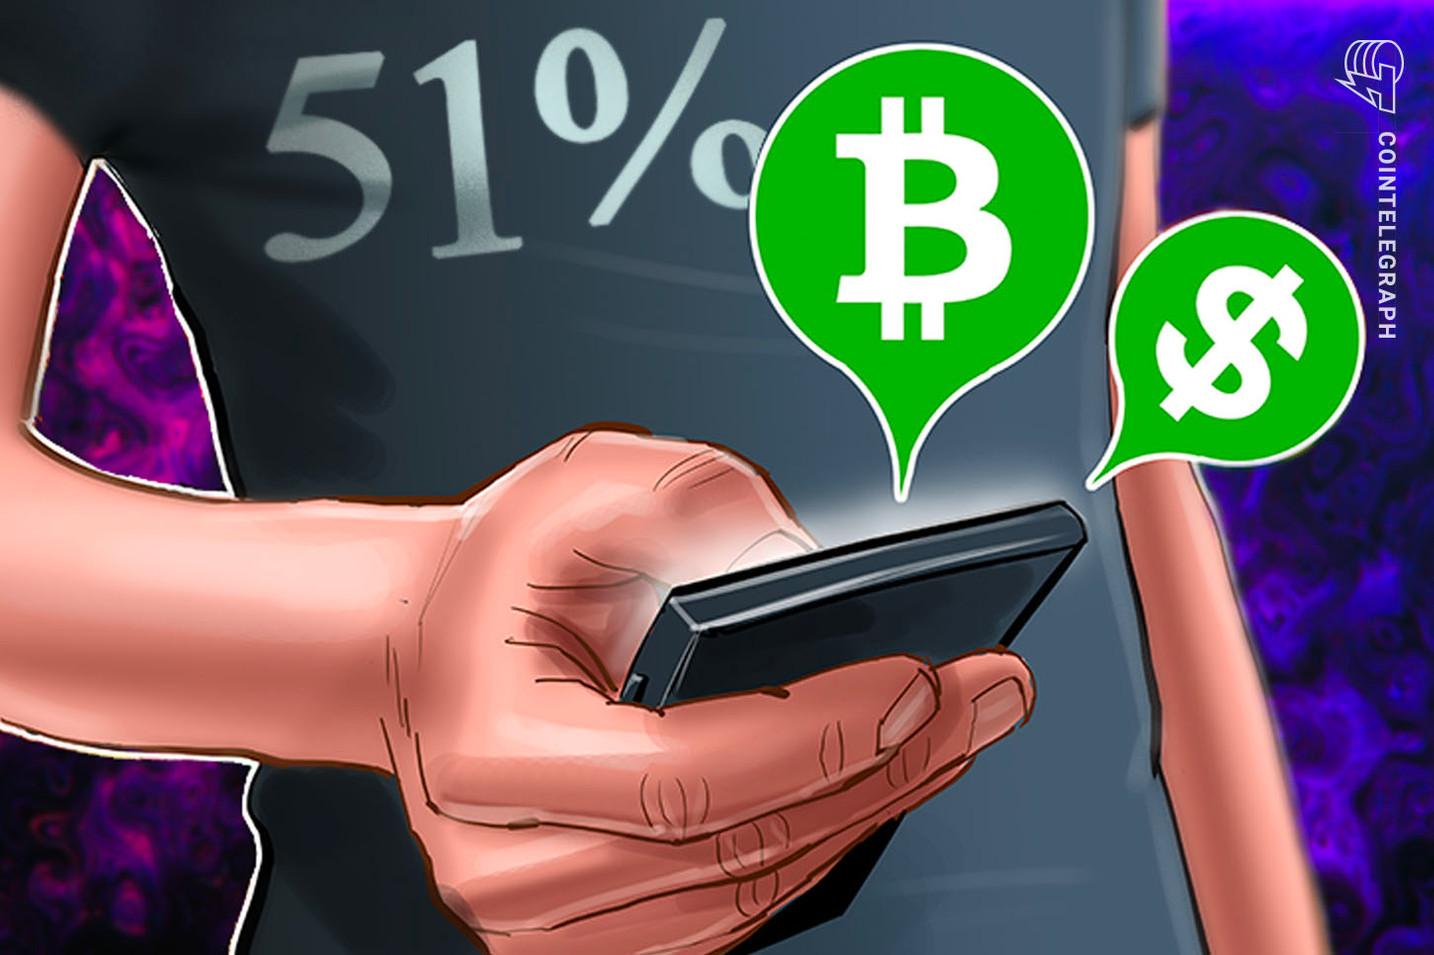 Zwei Mining-Pools führen gutartige 51% Attacke auf Bitcoin Cash Blockchain durch